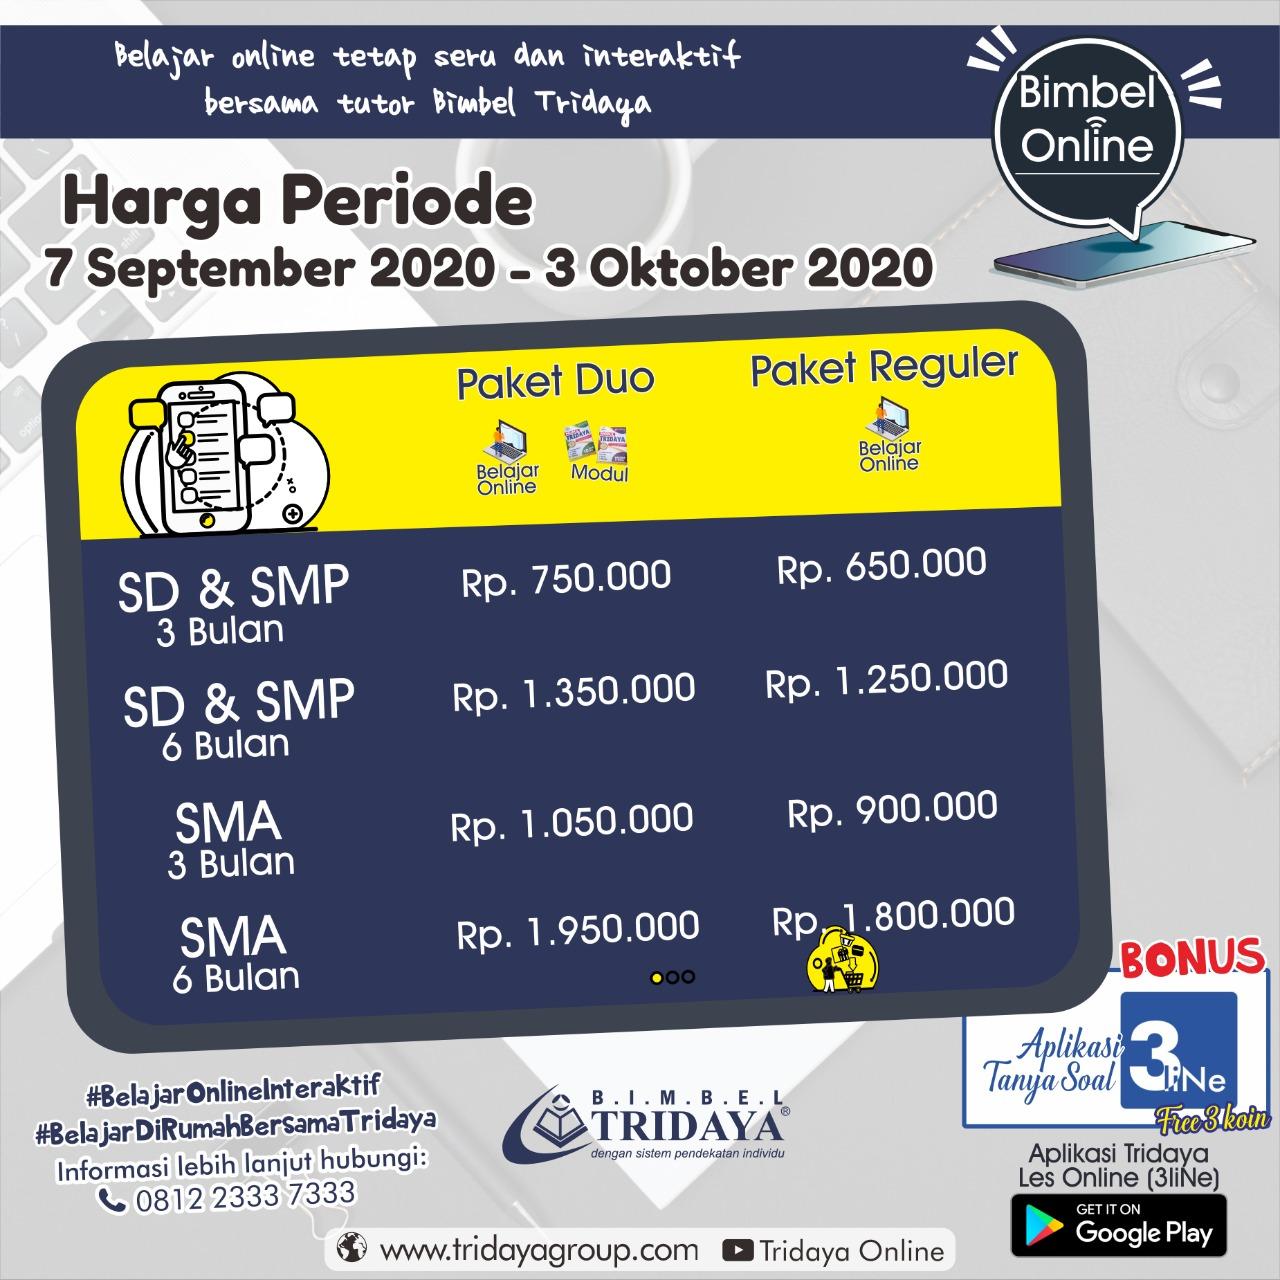 WhatsApp Image 2020-09-16 at 13.59.58